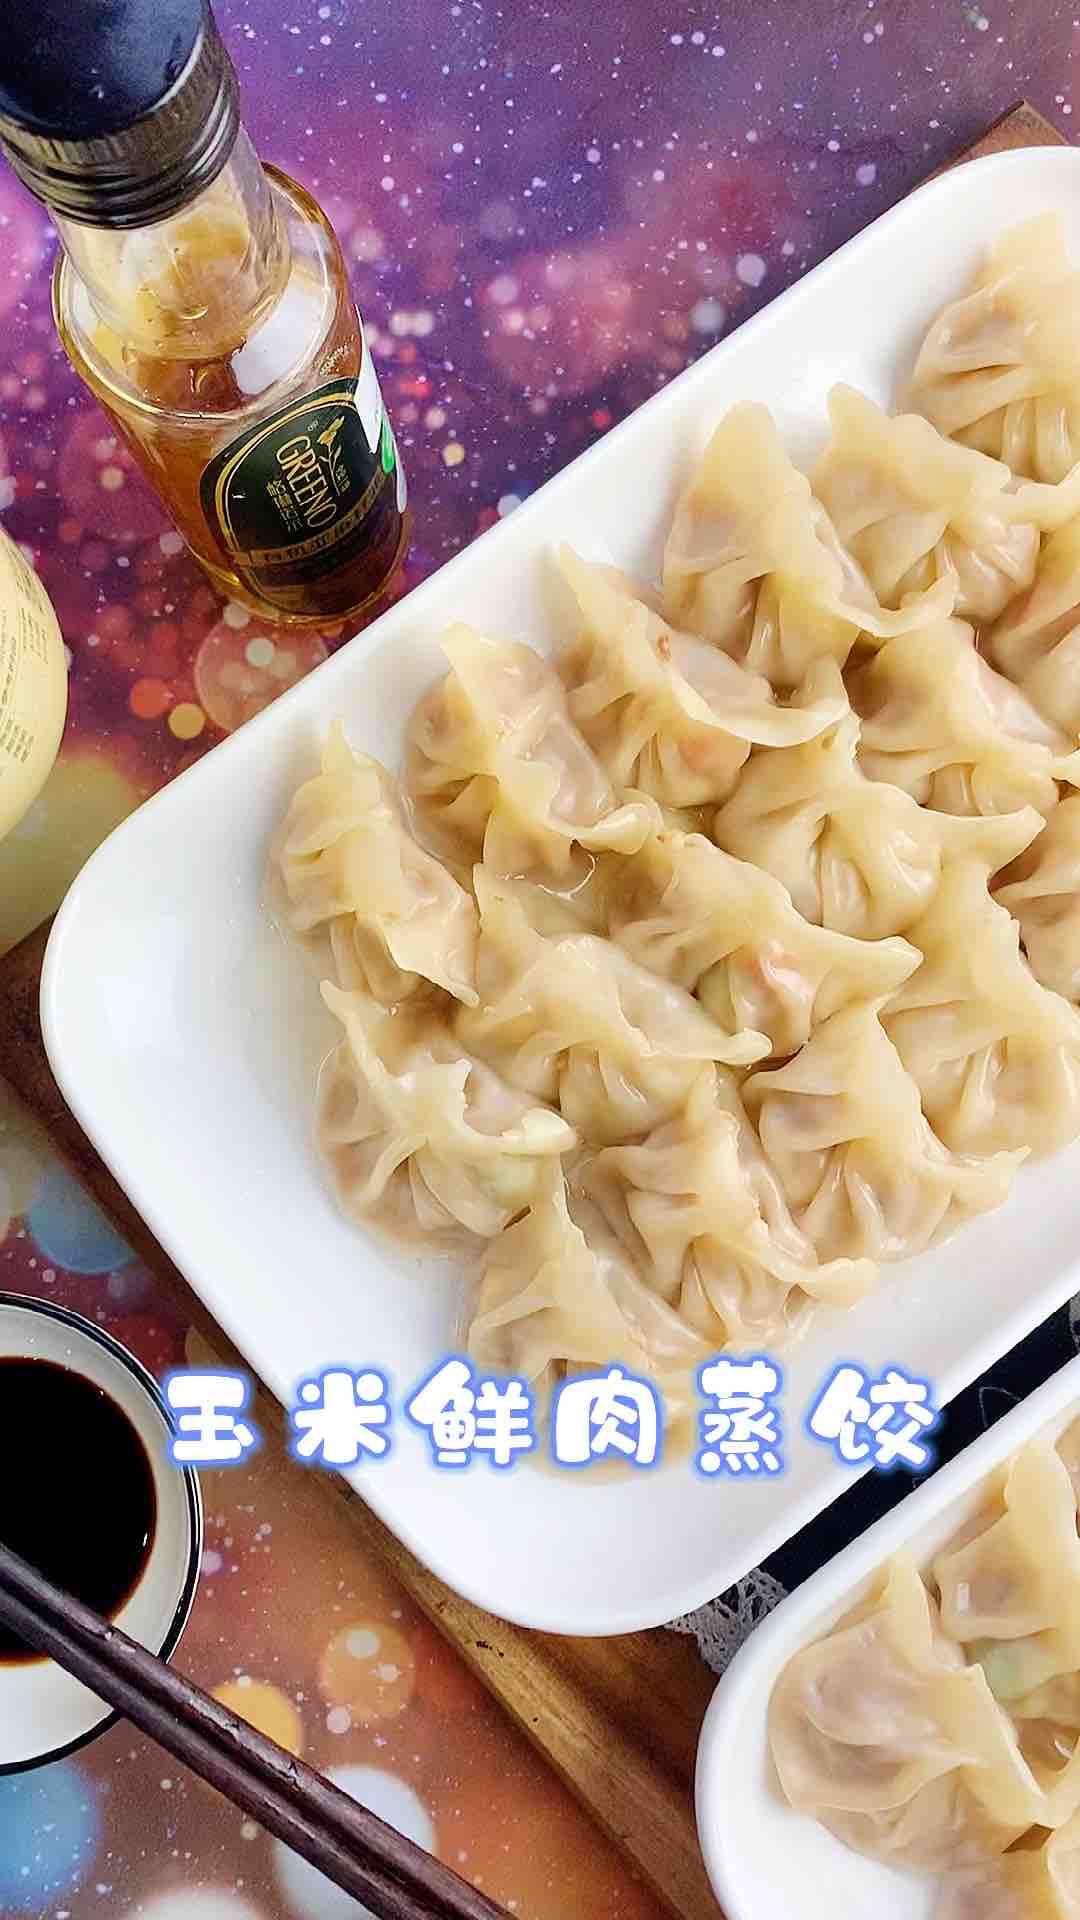 玉米鲜肉蒸饺的做法